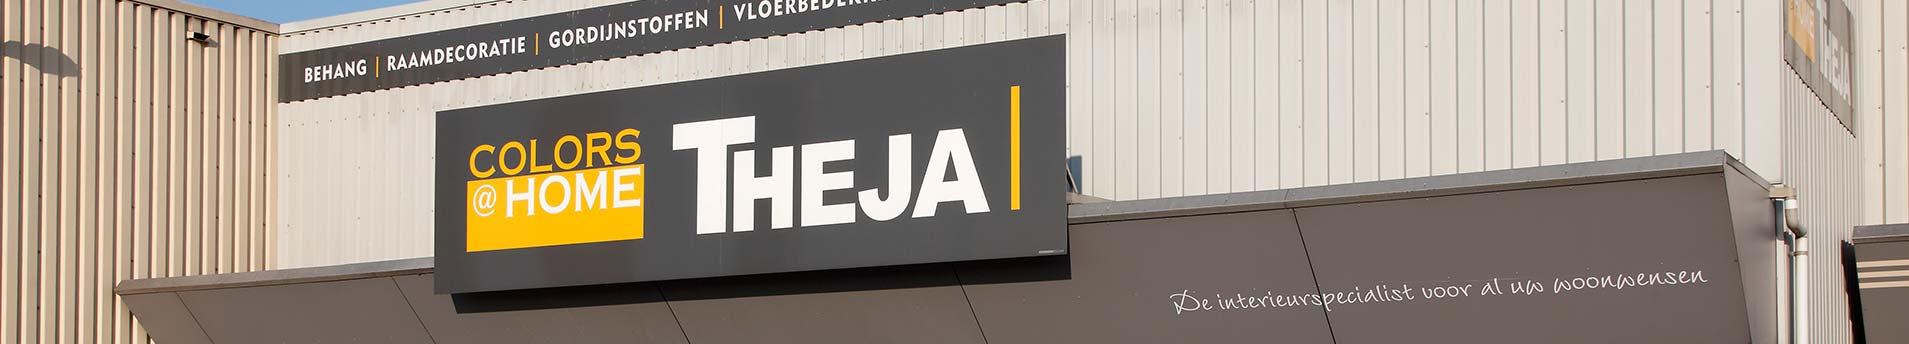 interieuradvies-showrooms-theja-gelderland